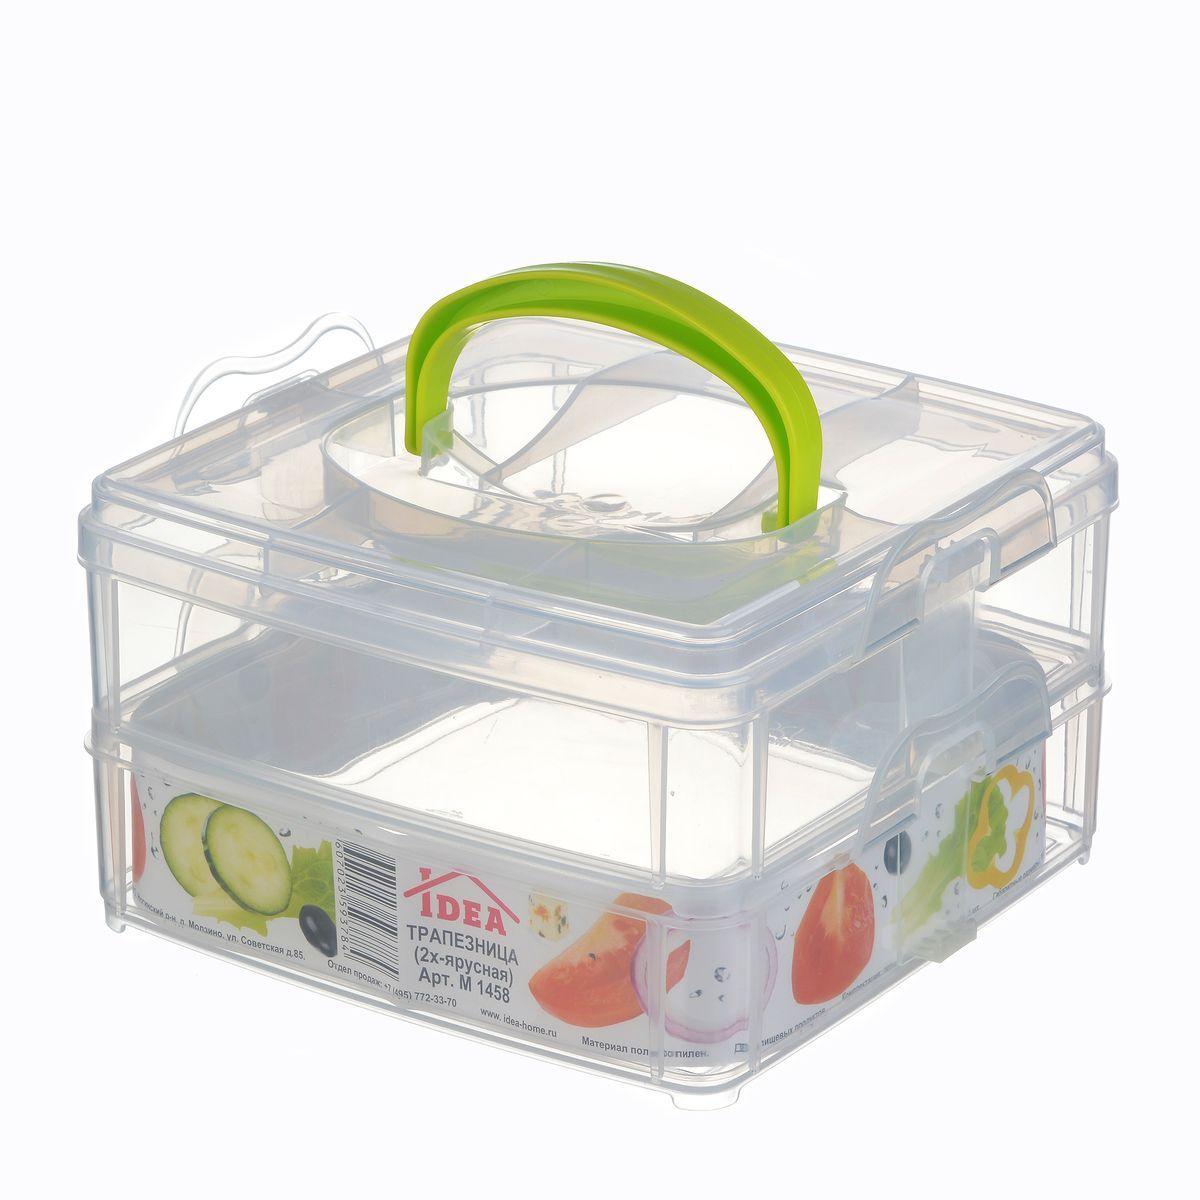 Фруктовница Idea, 2-яруснаяW22061318Оригинальная фруктовница Idea с крышкой изготовлена из пищевого пластика. Она идеально подходит для хранения любых фруктов. Изделие имеет 2 яруса, которые можно отделить друг от друга для удобной мойки. Размер: 16,3 х 10 х 15,5 см.